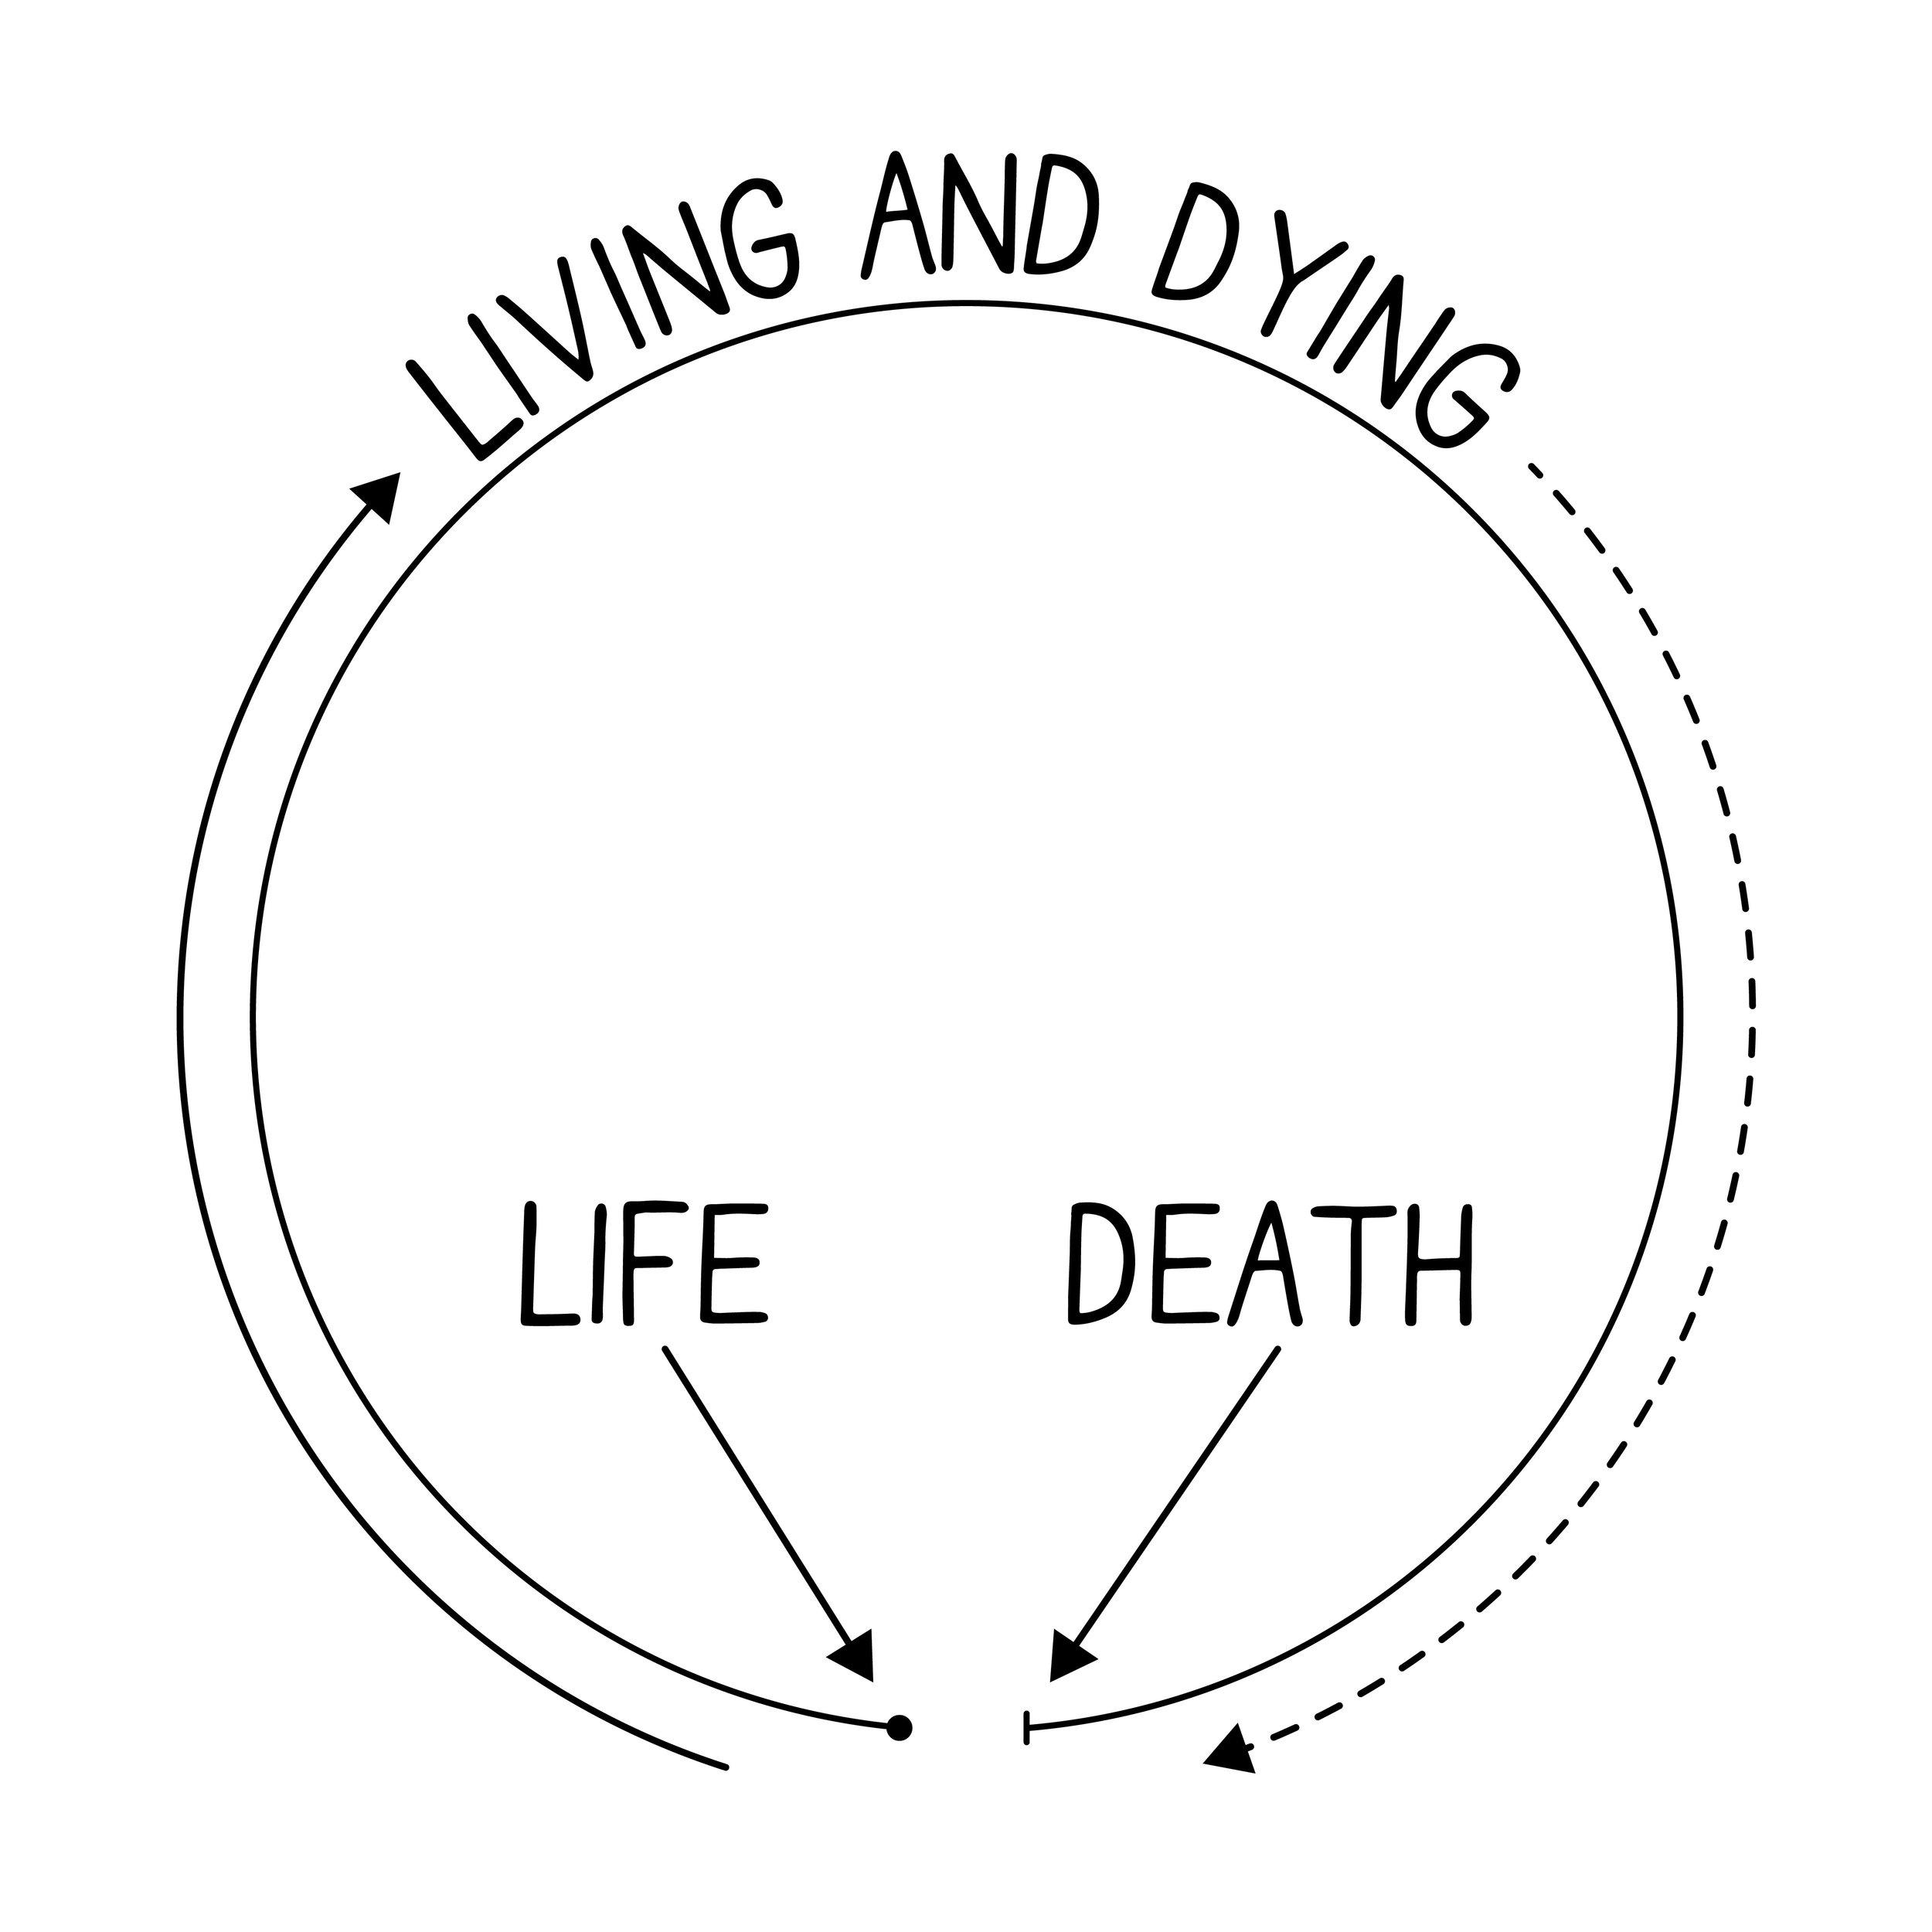 livinganddying-01.jpg